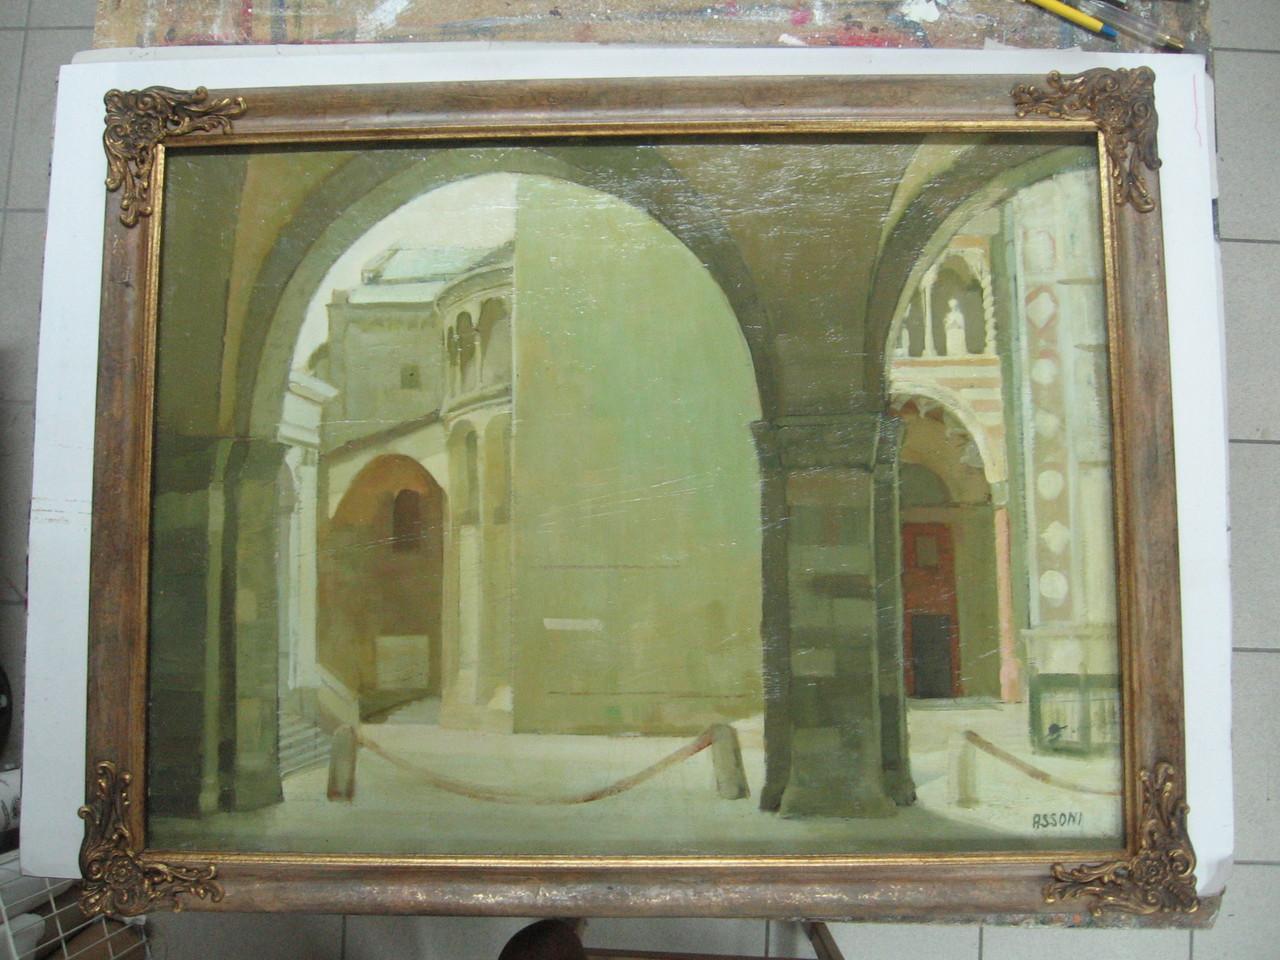 Dipinto ad olio ottocentesco con cornice a guantiera dipinta e patinata, sguscio in foglia oro e decorazioniagli angoli.